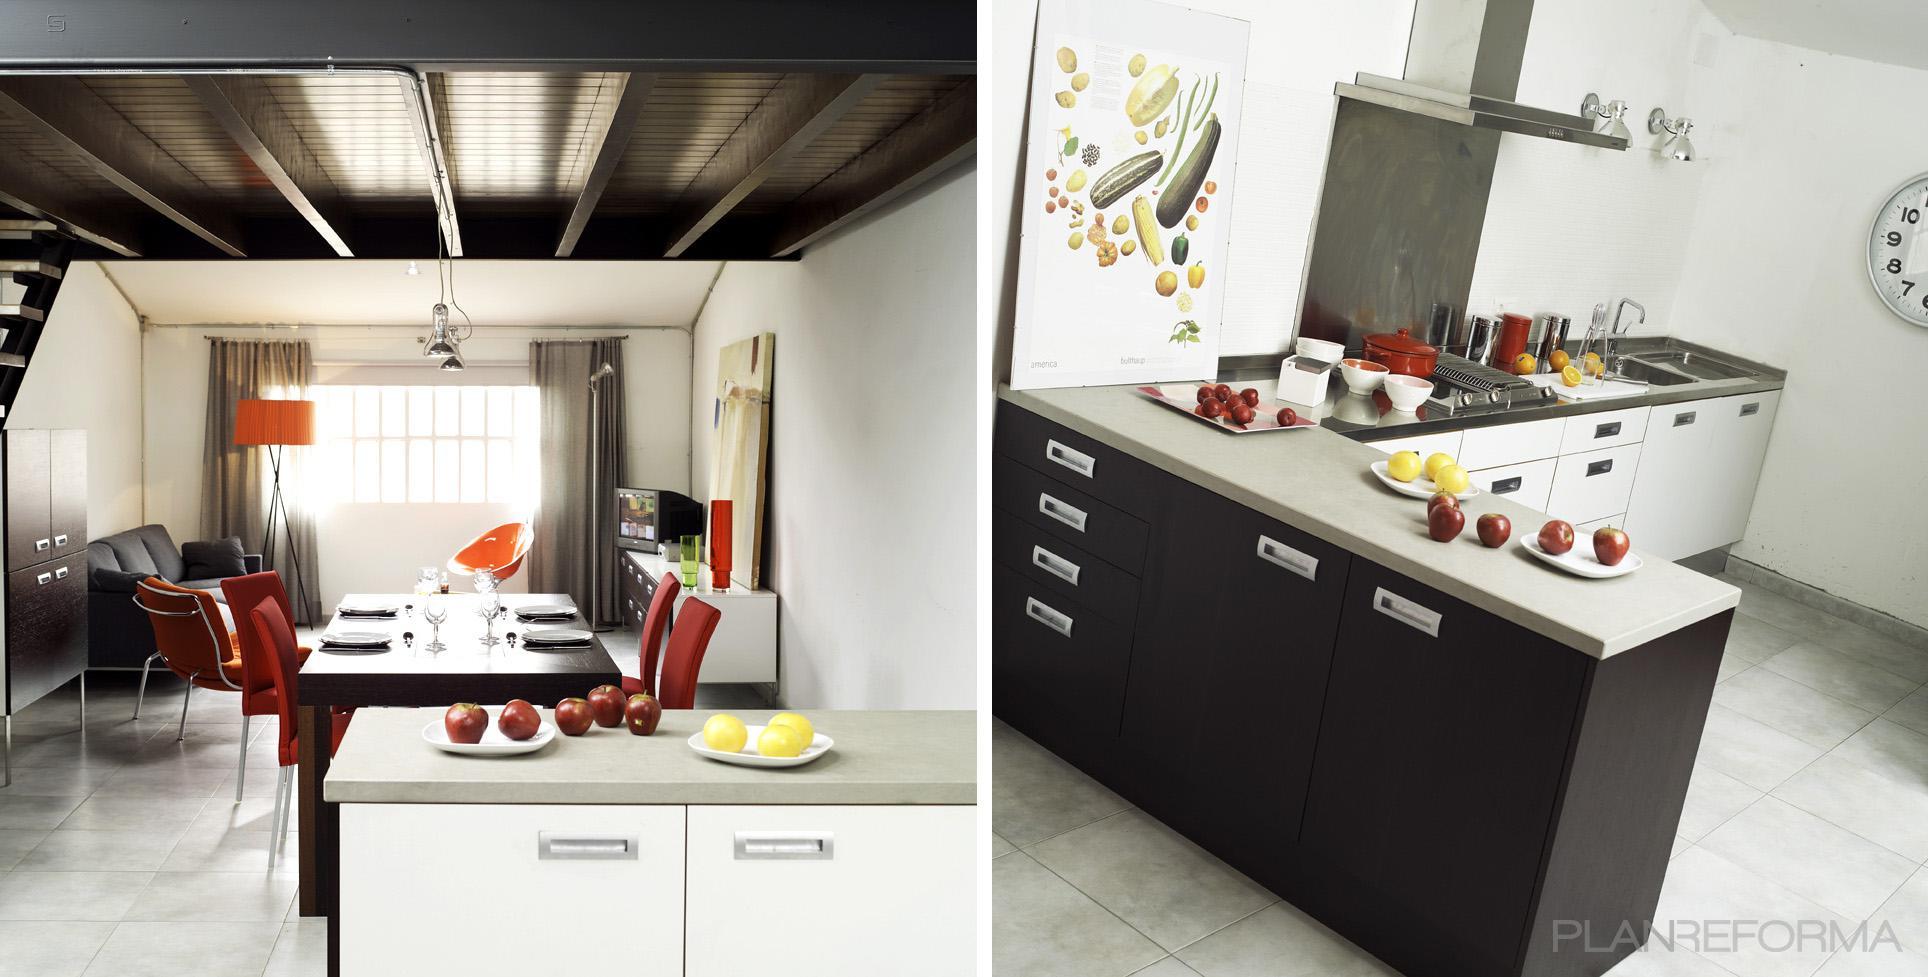 Comedor, Cocina, Salon style moderno color rojo, marron, gris, gris